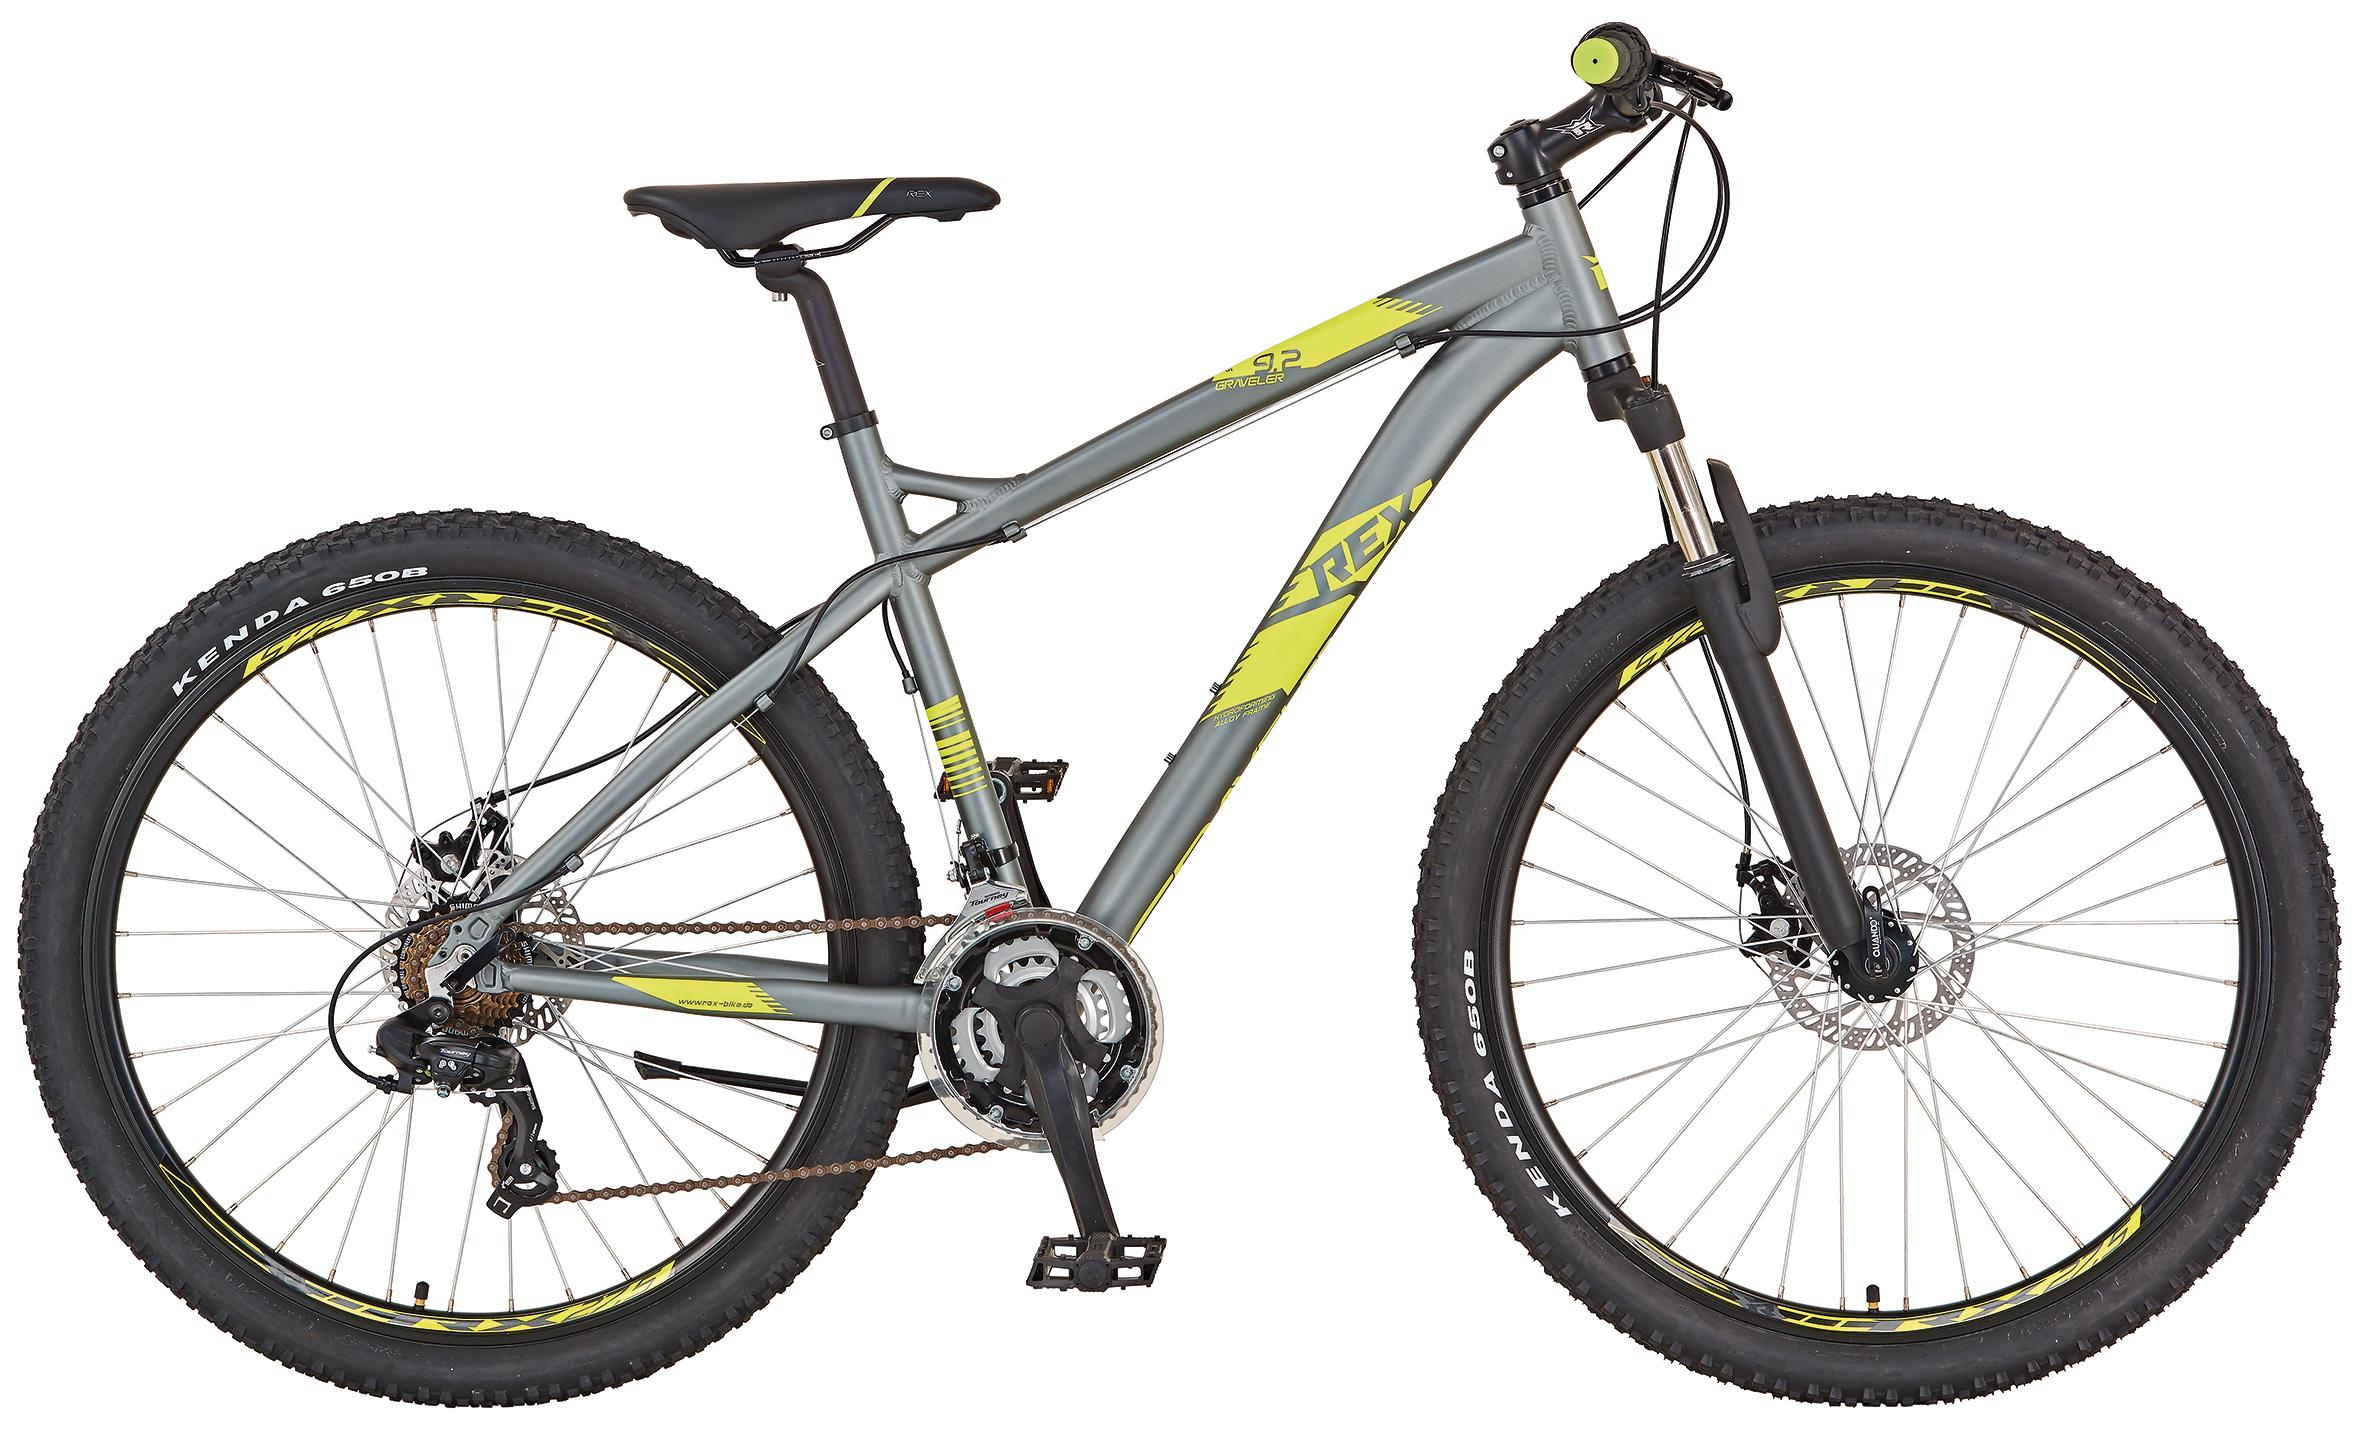 """Rex Bike Fahrrad / Mountain Bike Graveler 9.2 MTB 27,5"""" Bild 1"""